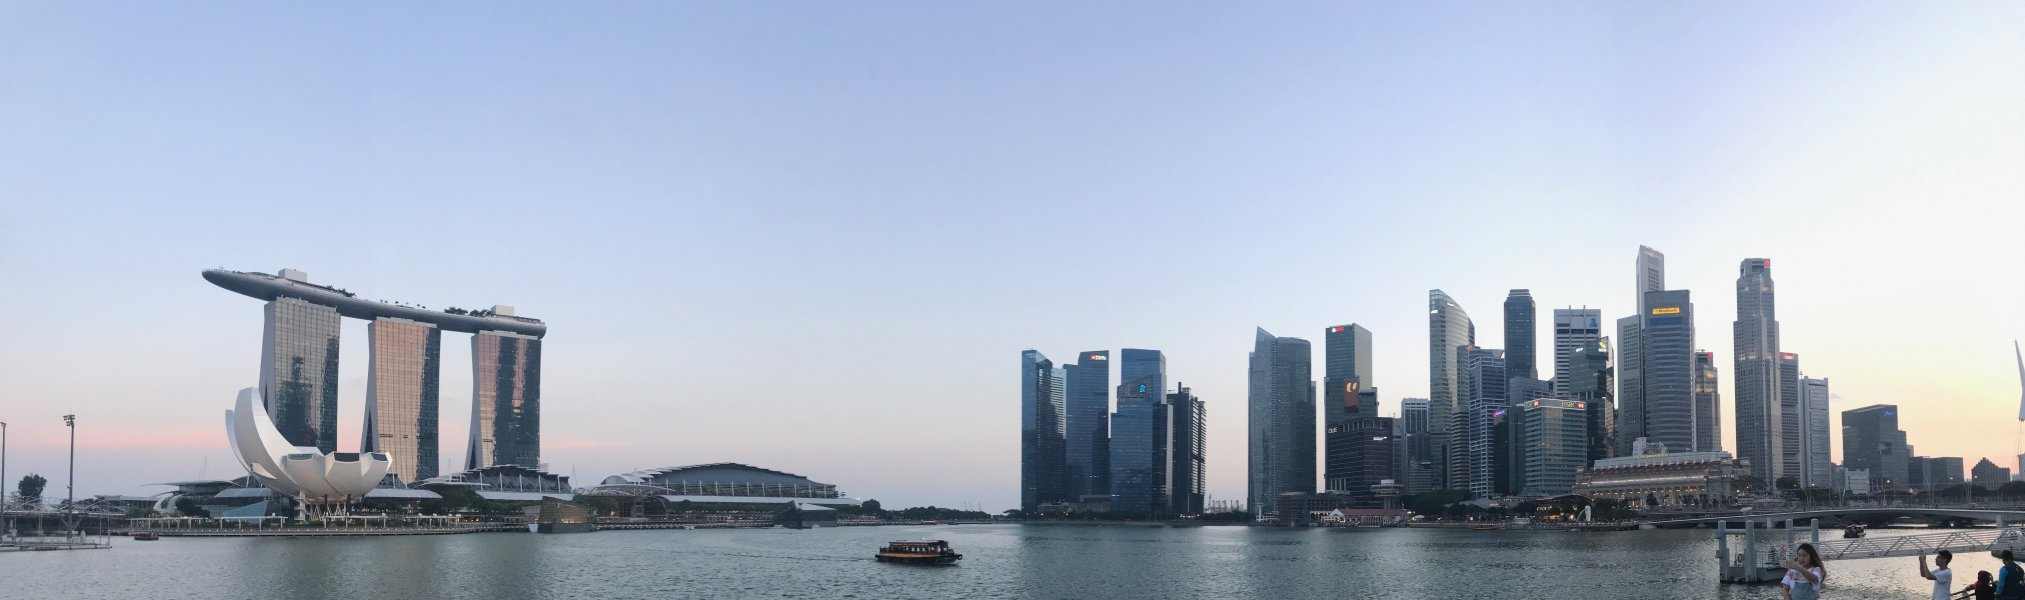 A la découverte d'une mégalopole asiatique : Singapour